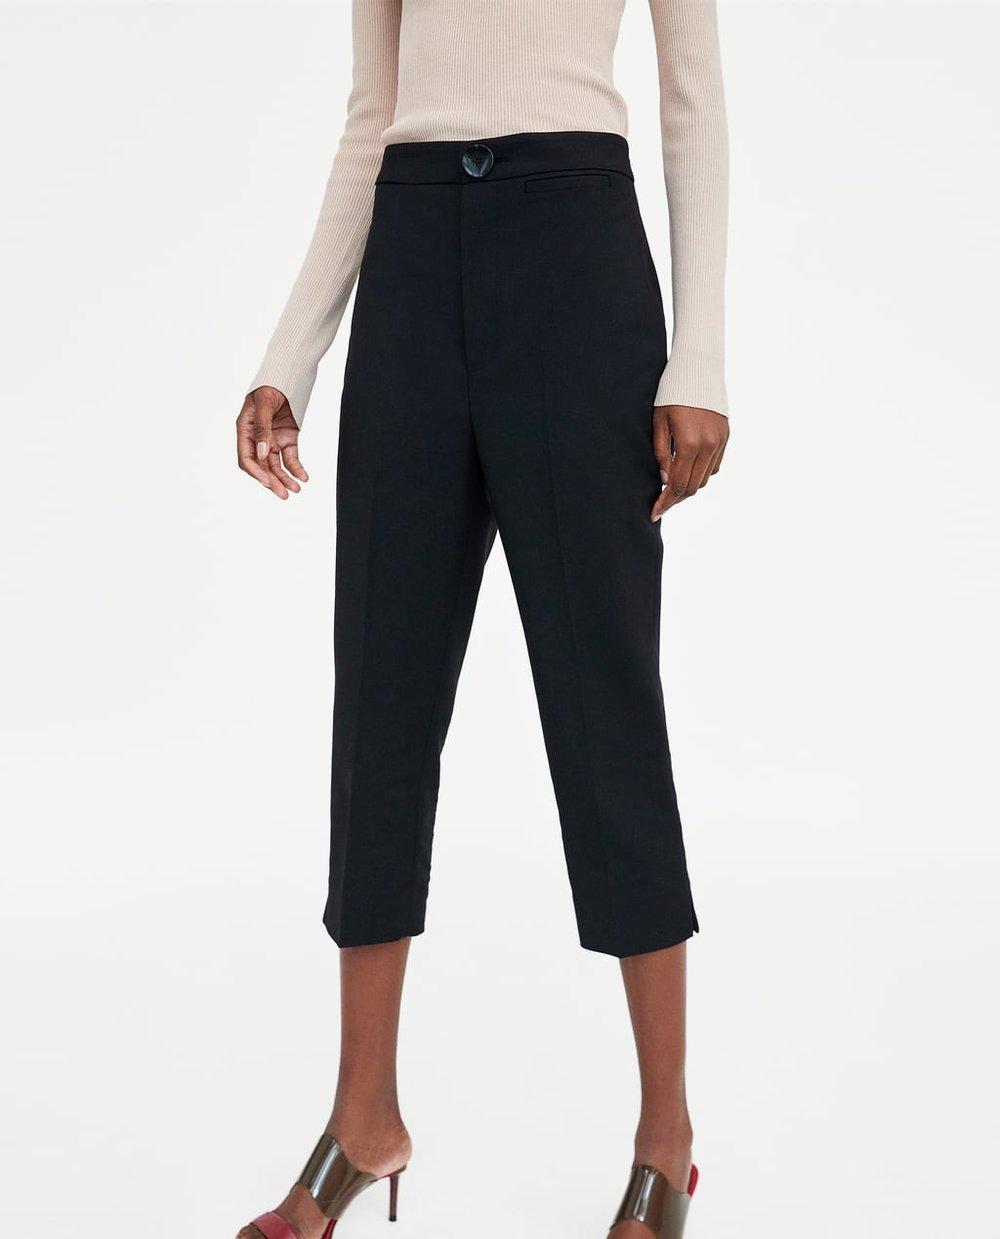 https://www.zara.com/ca/en/capri-trousers-p07149068.html?v1=5875038&v2=719022